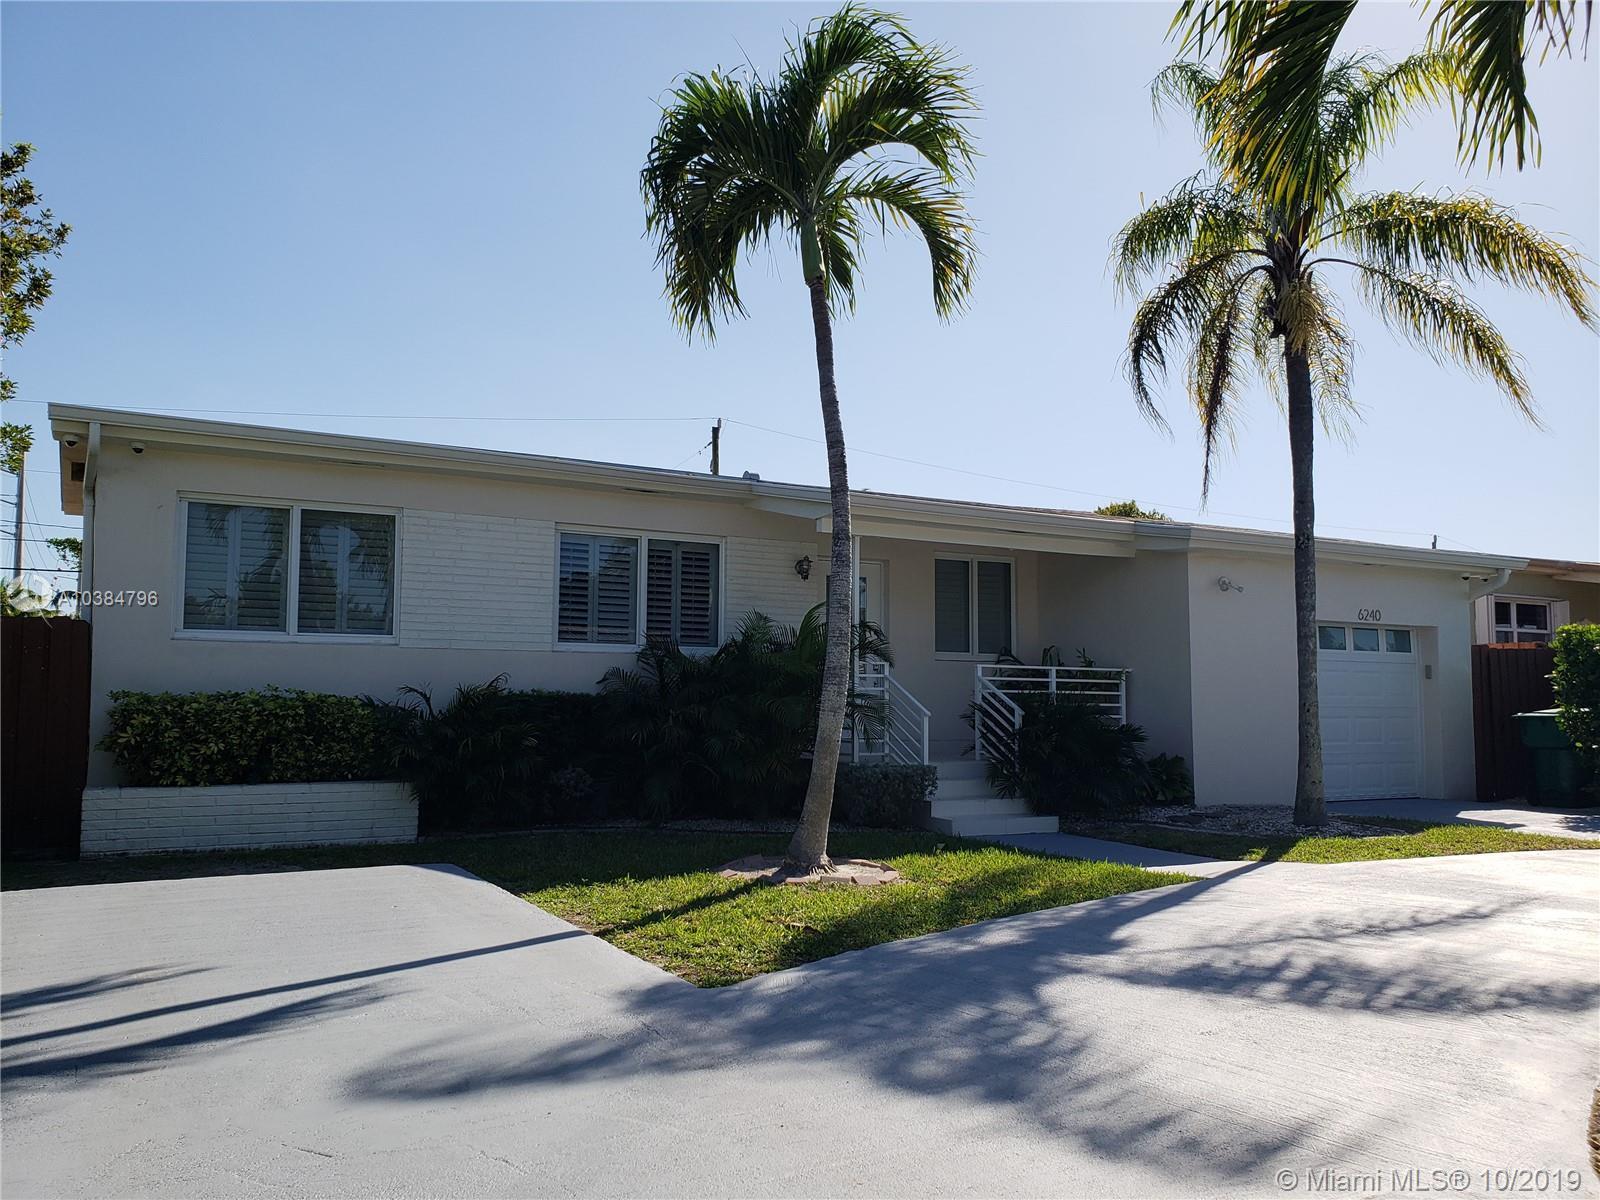 6240 Sw 29th St, Miami FL, 33155